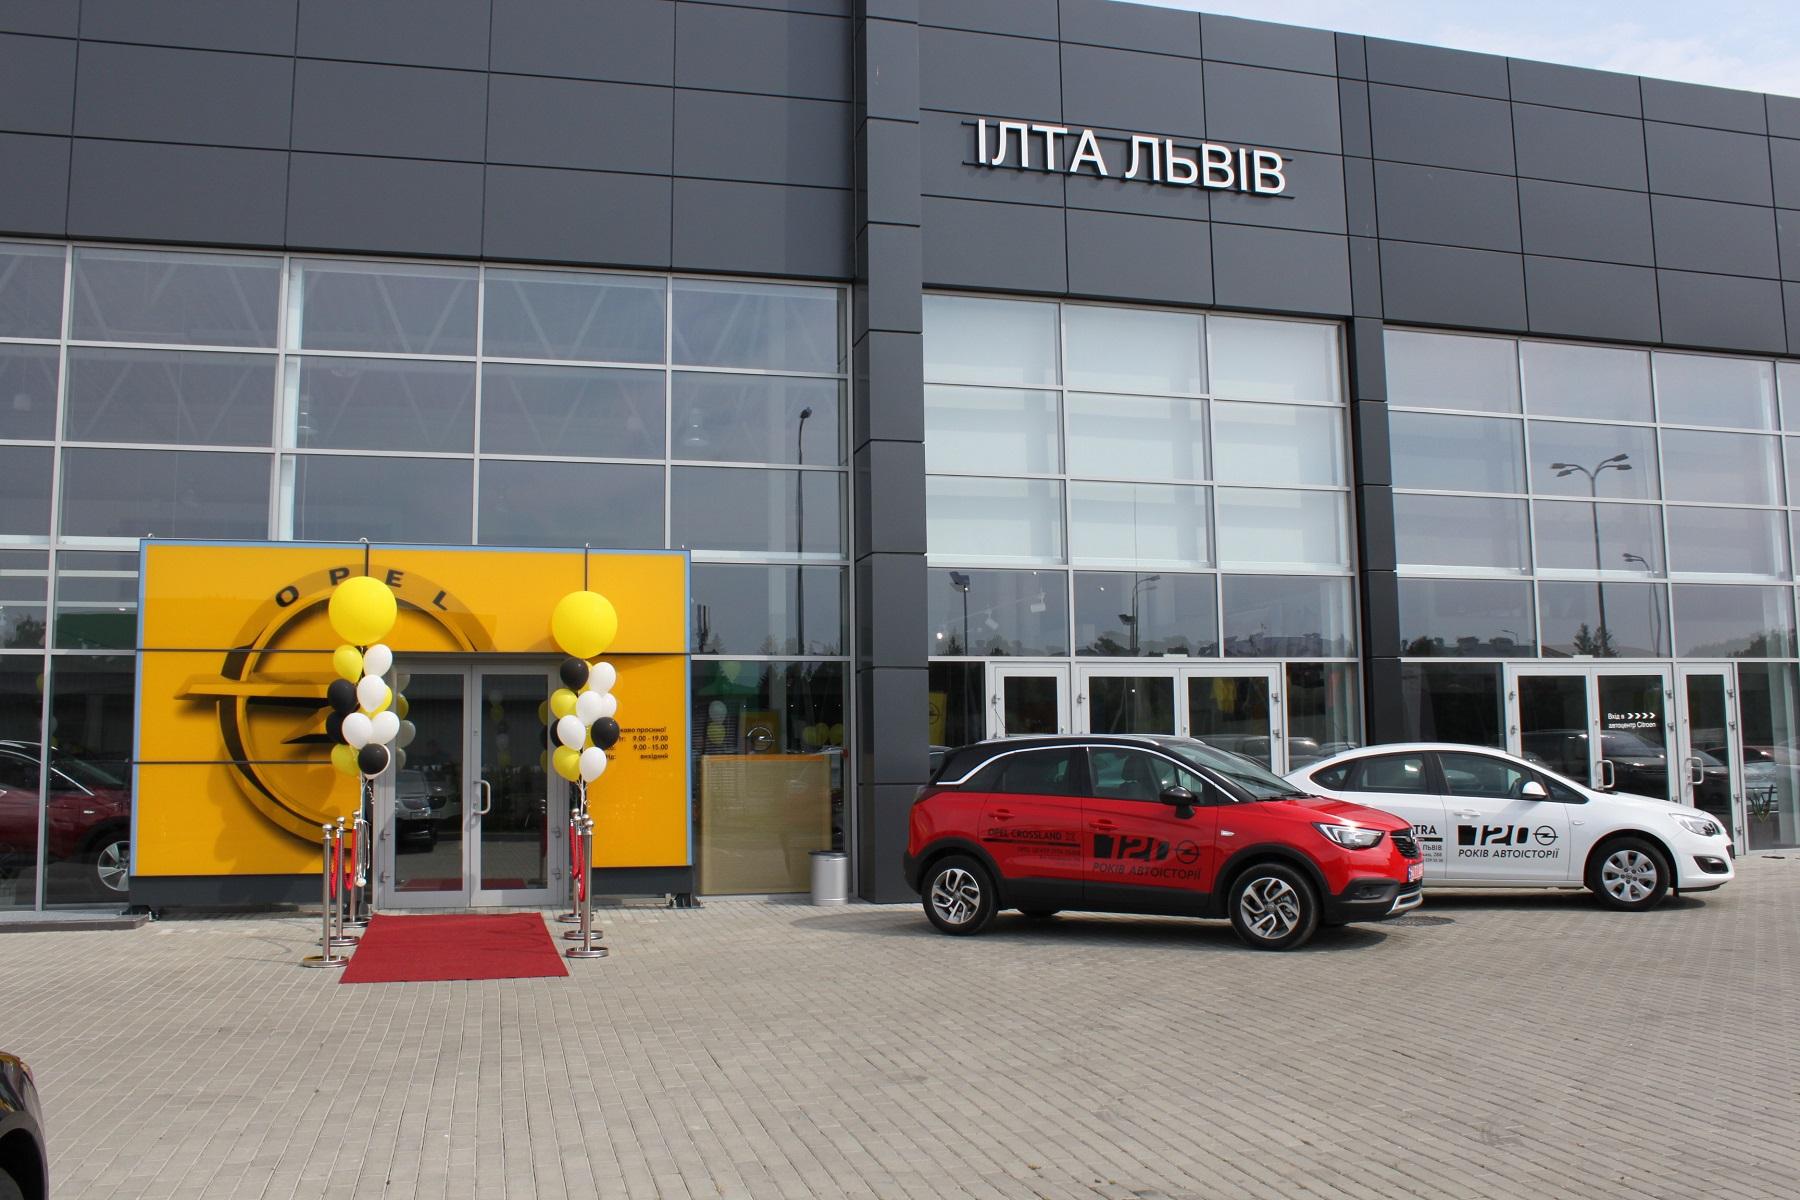 Директор региона Евразия компании Stellantis посетил Украину